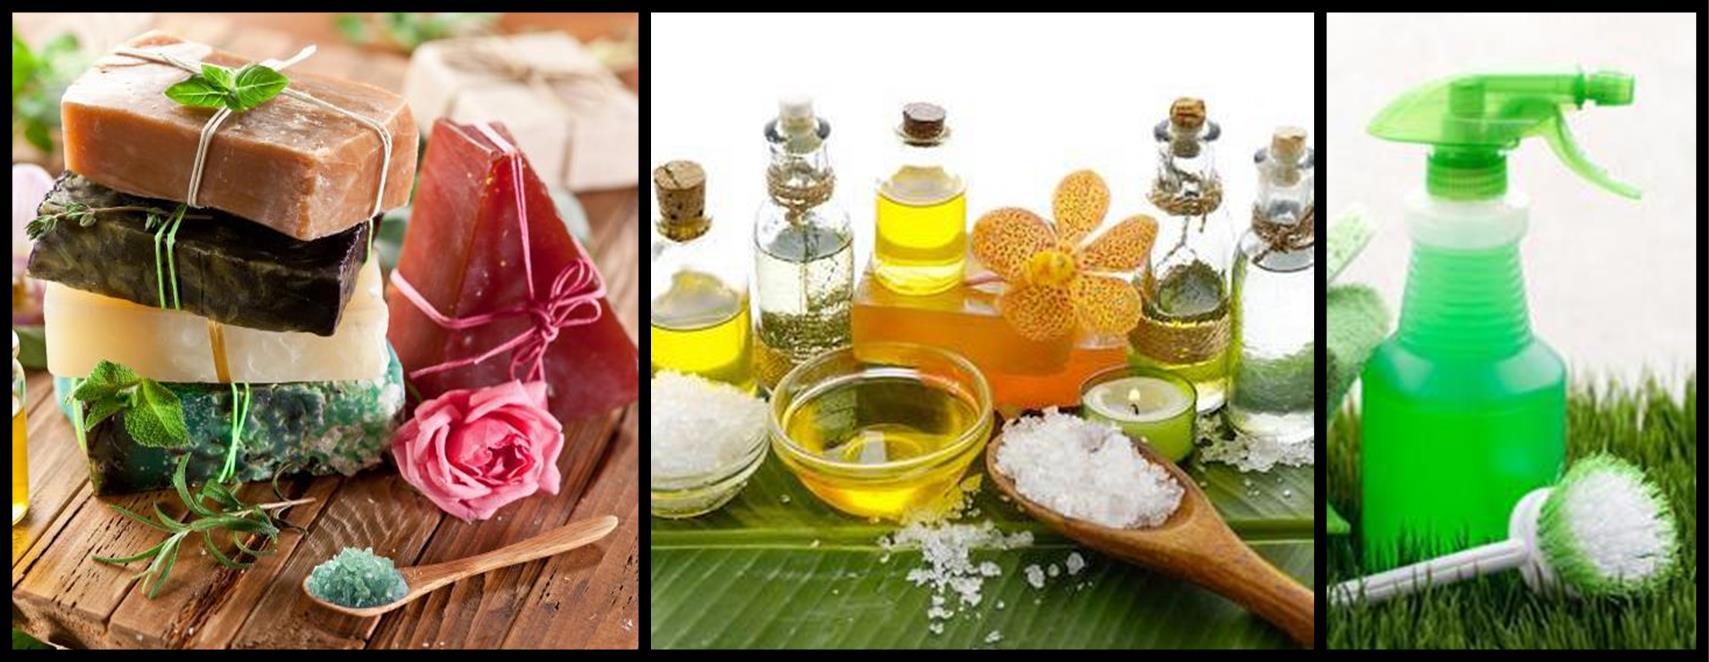 Laboratorio di autoproduzione di cosmetici saponi e - Detergenti naturali facuti in casa ...